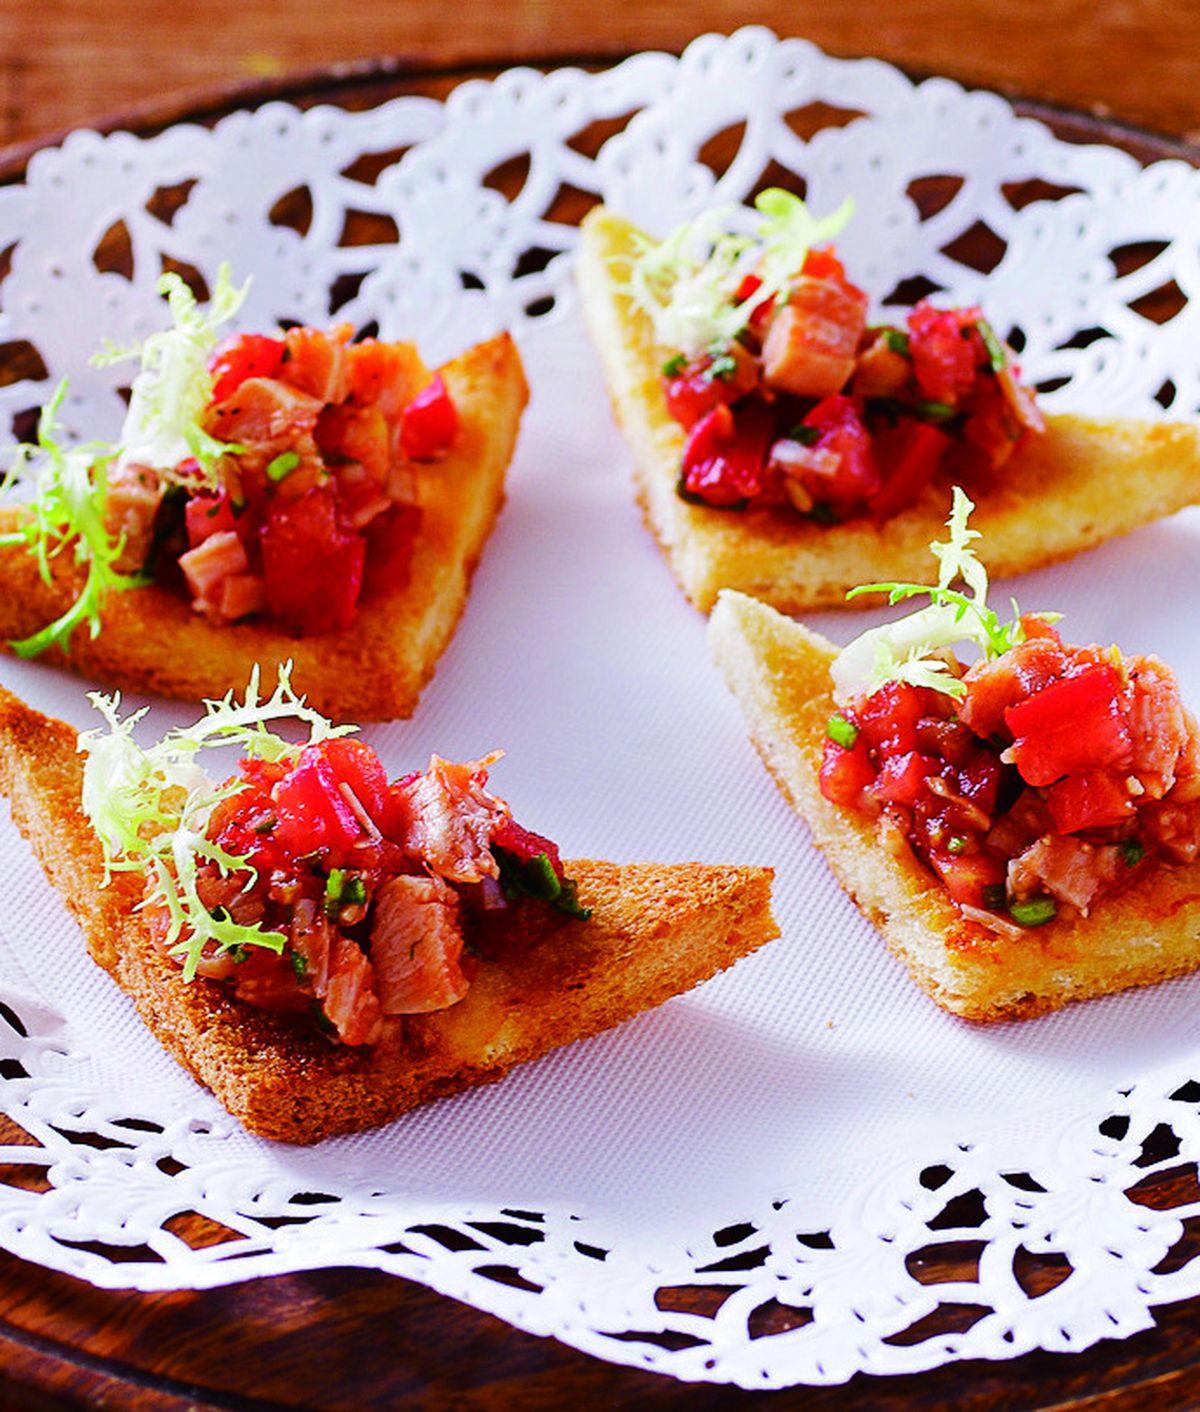 食譜:蕃茄沙沙醬雞肉土司